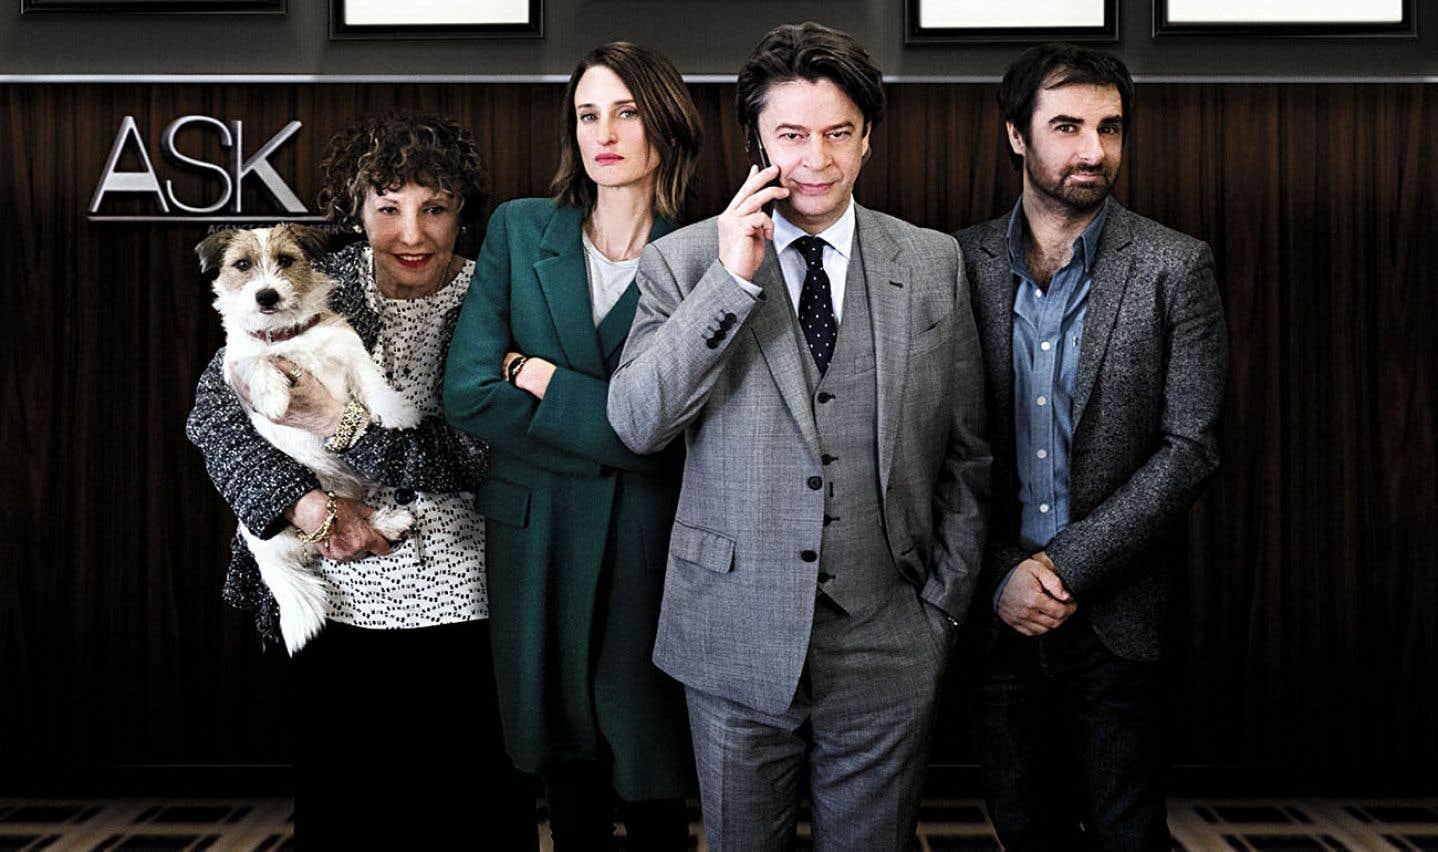 La petite bande de l'agence d'artistes ASK aura bien des gros ego et des grandes stars à gérer au cours de la deuxième saison de la jouissive série française «Appelez mon agent».